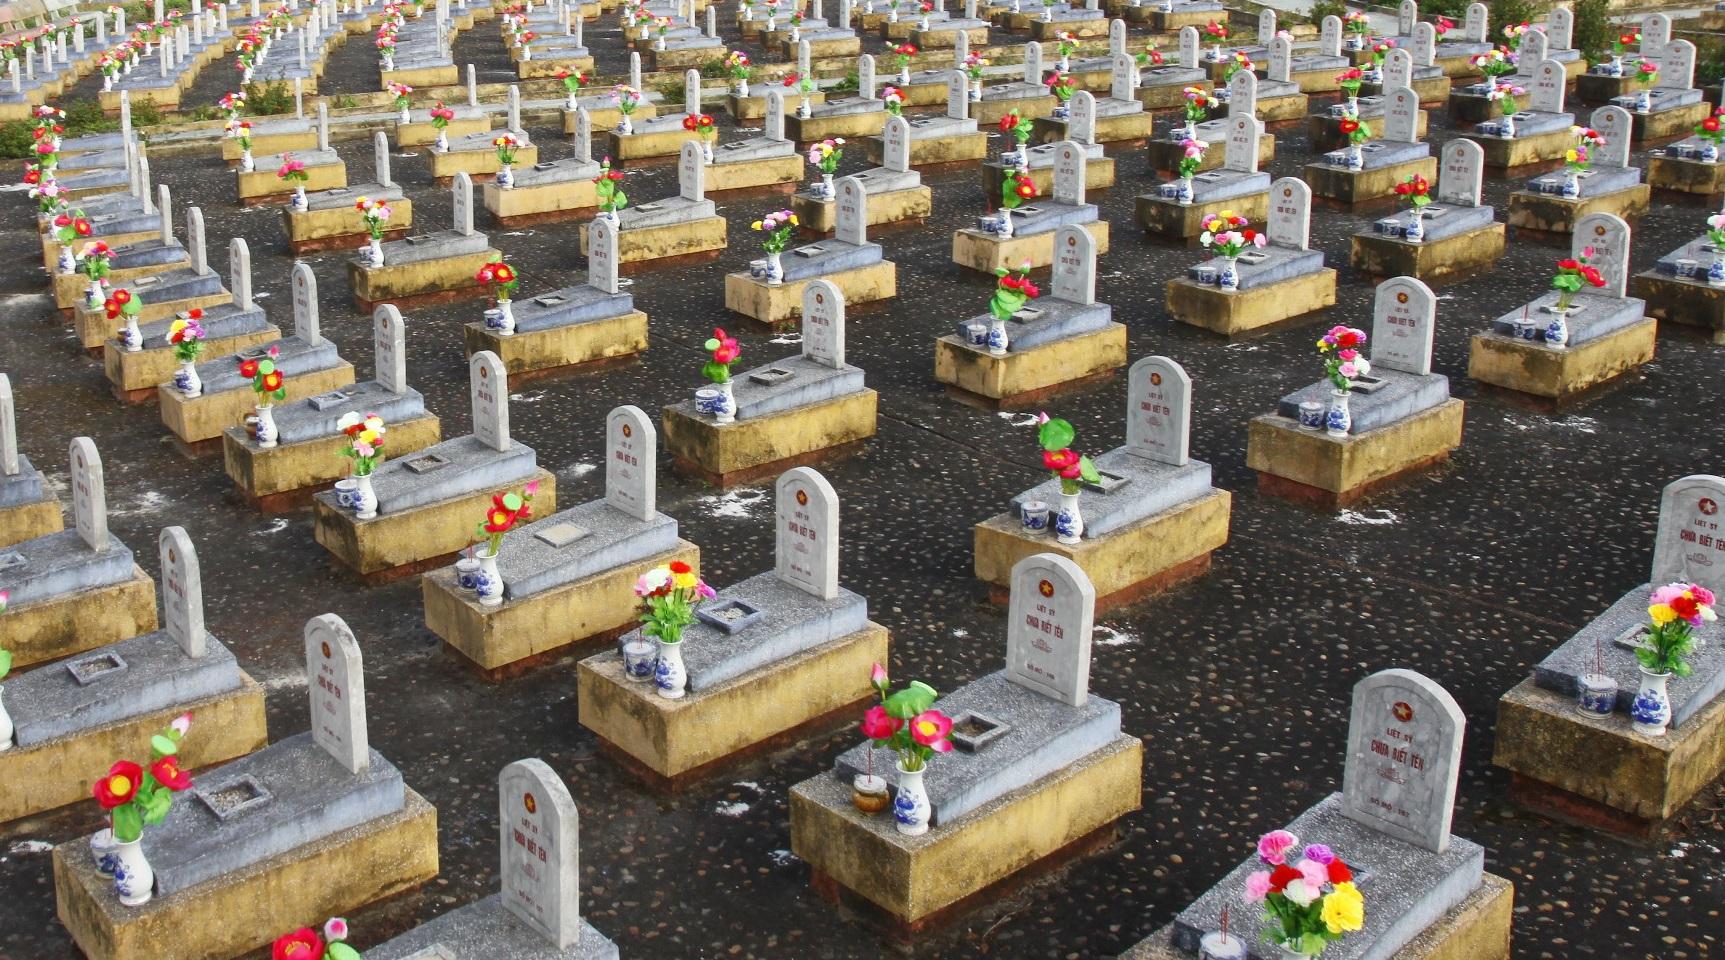 """Bạt ngàn những ngôi mộ """"Chưa biết tên"""" ở nghĩa trang Liệt sỹ quốc gia Đường 9 tại Quảng Trị. (Ảnh: Hồ Cầu/TTXVN)"""